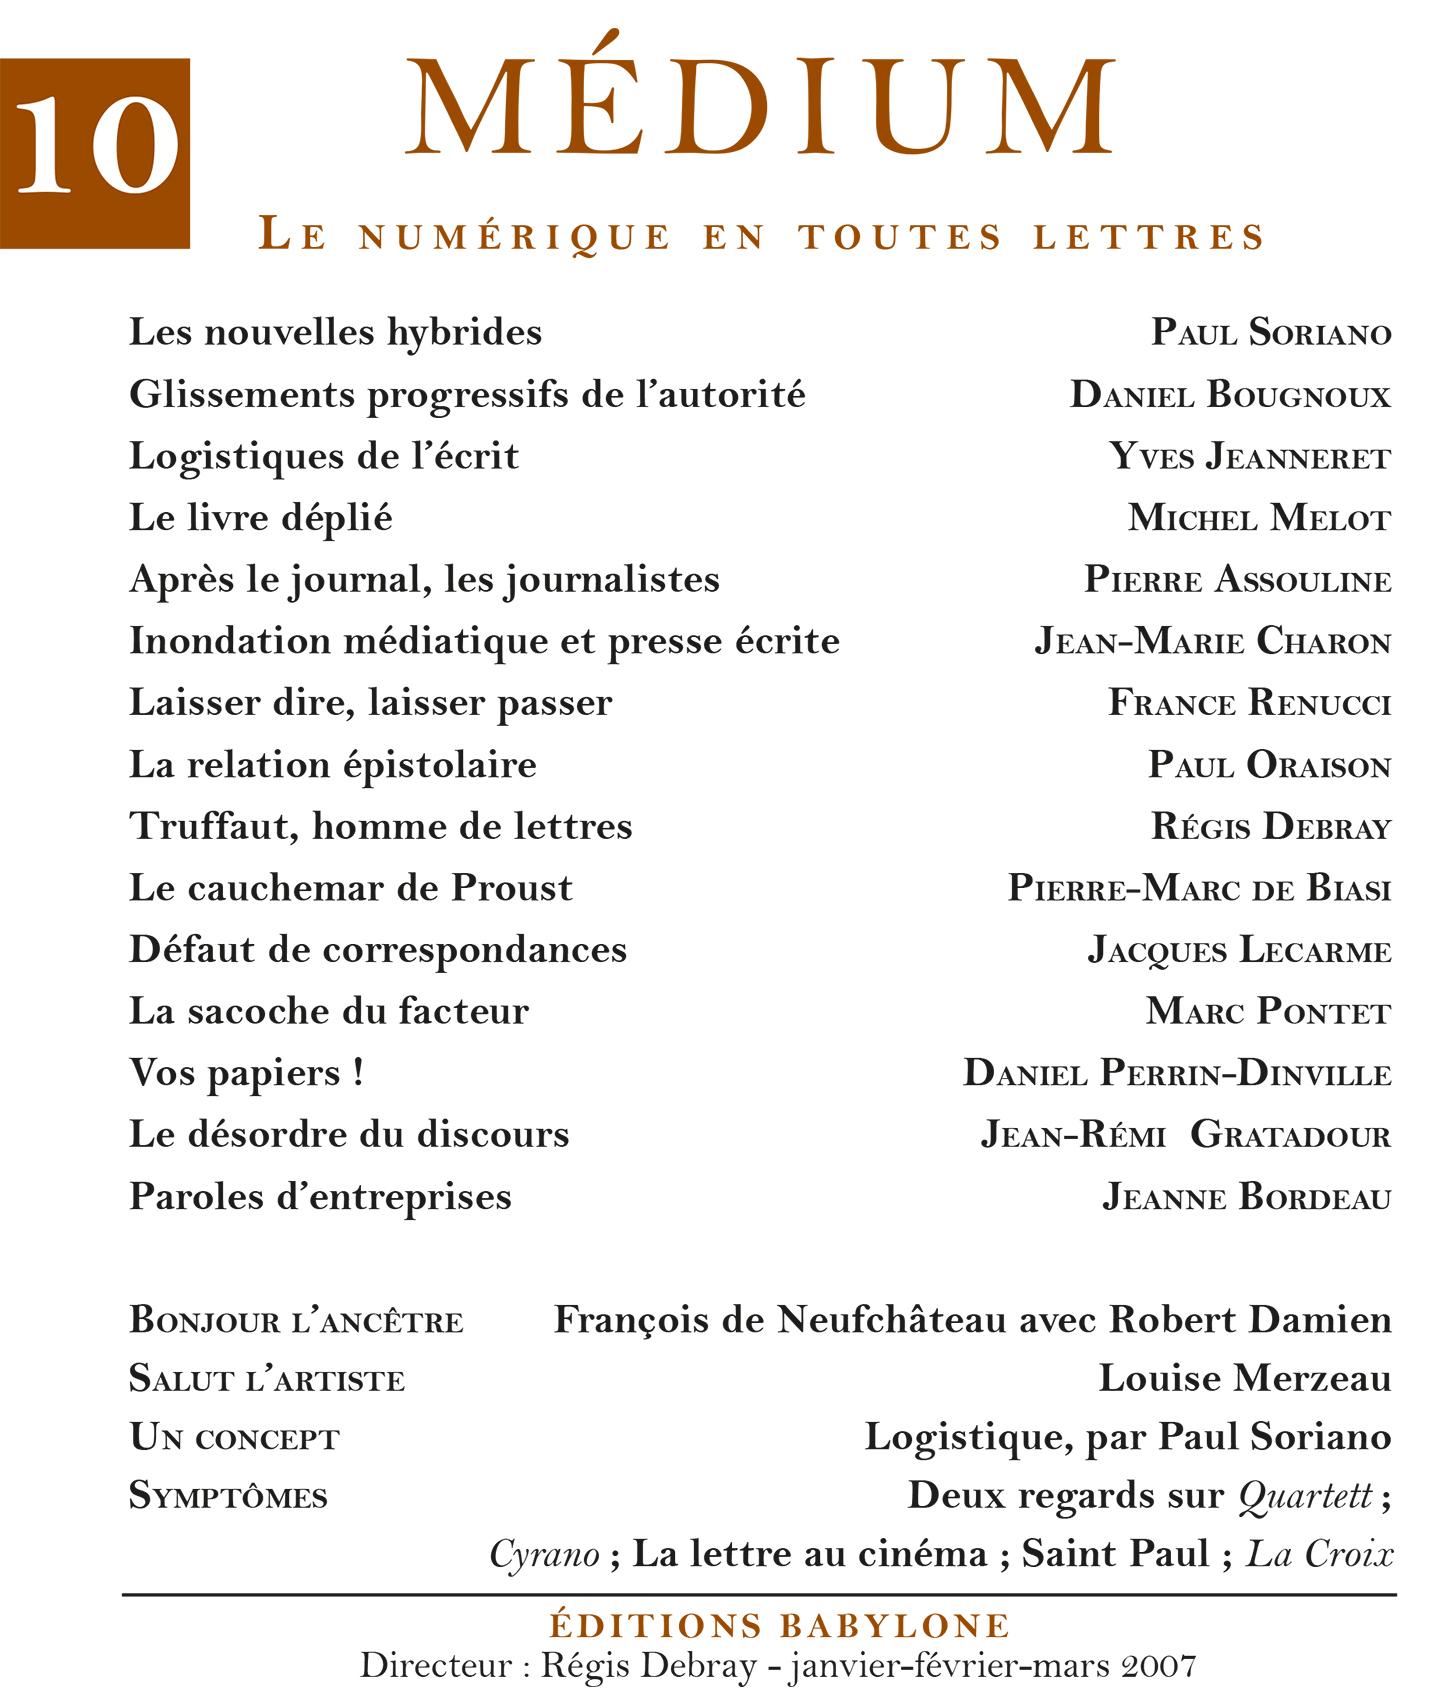 Médium n°10, janvier-mars 2007